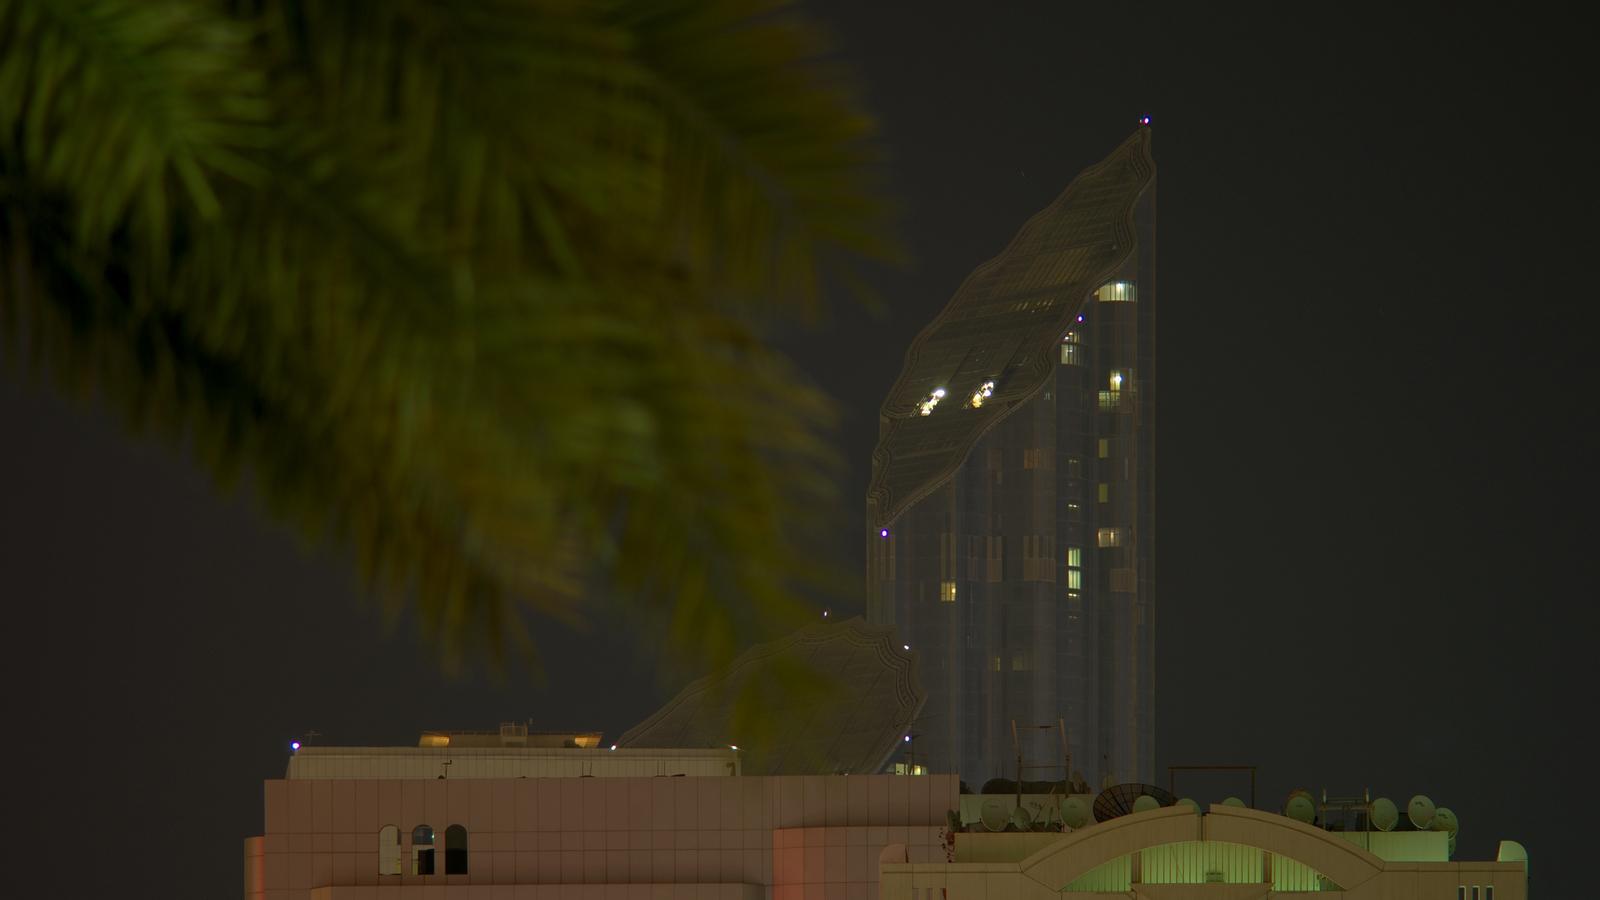 Обои сверху, дороги, Объединённые арабские эмираты, ночь. Города foto 19